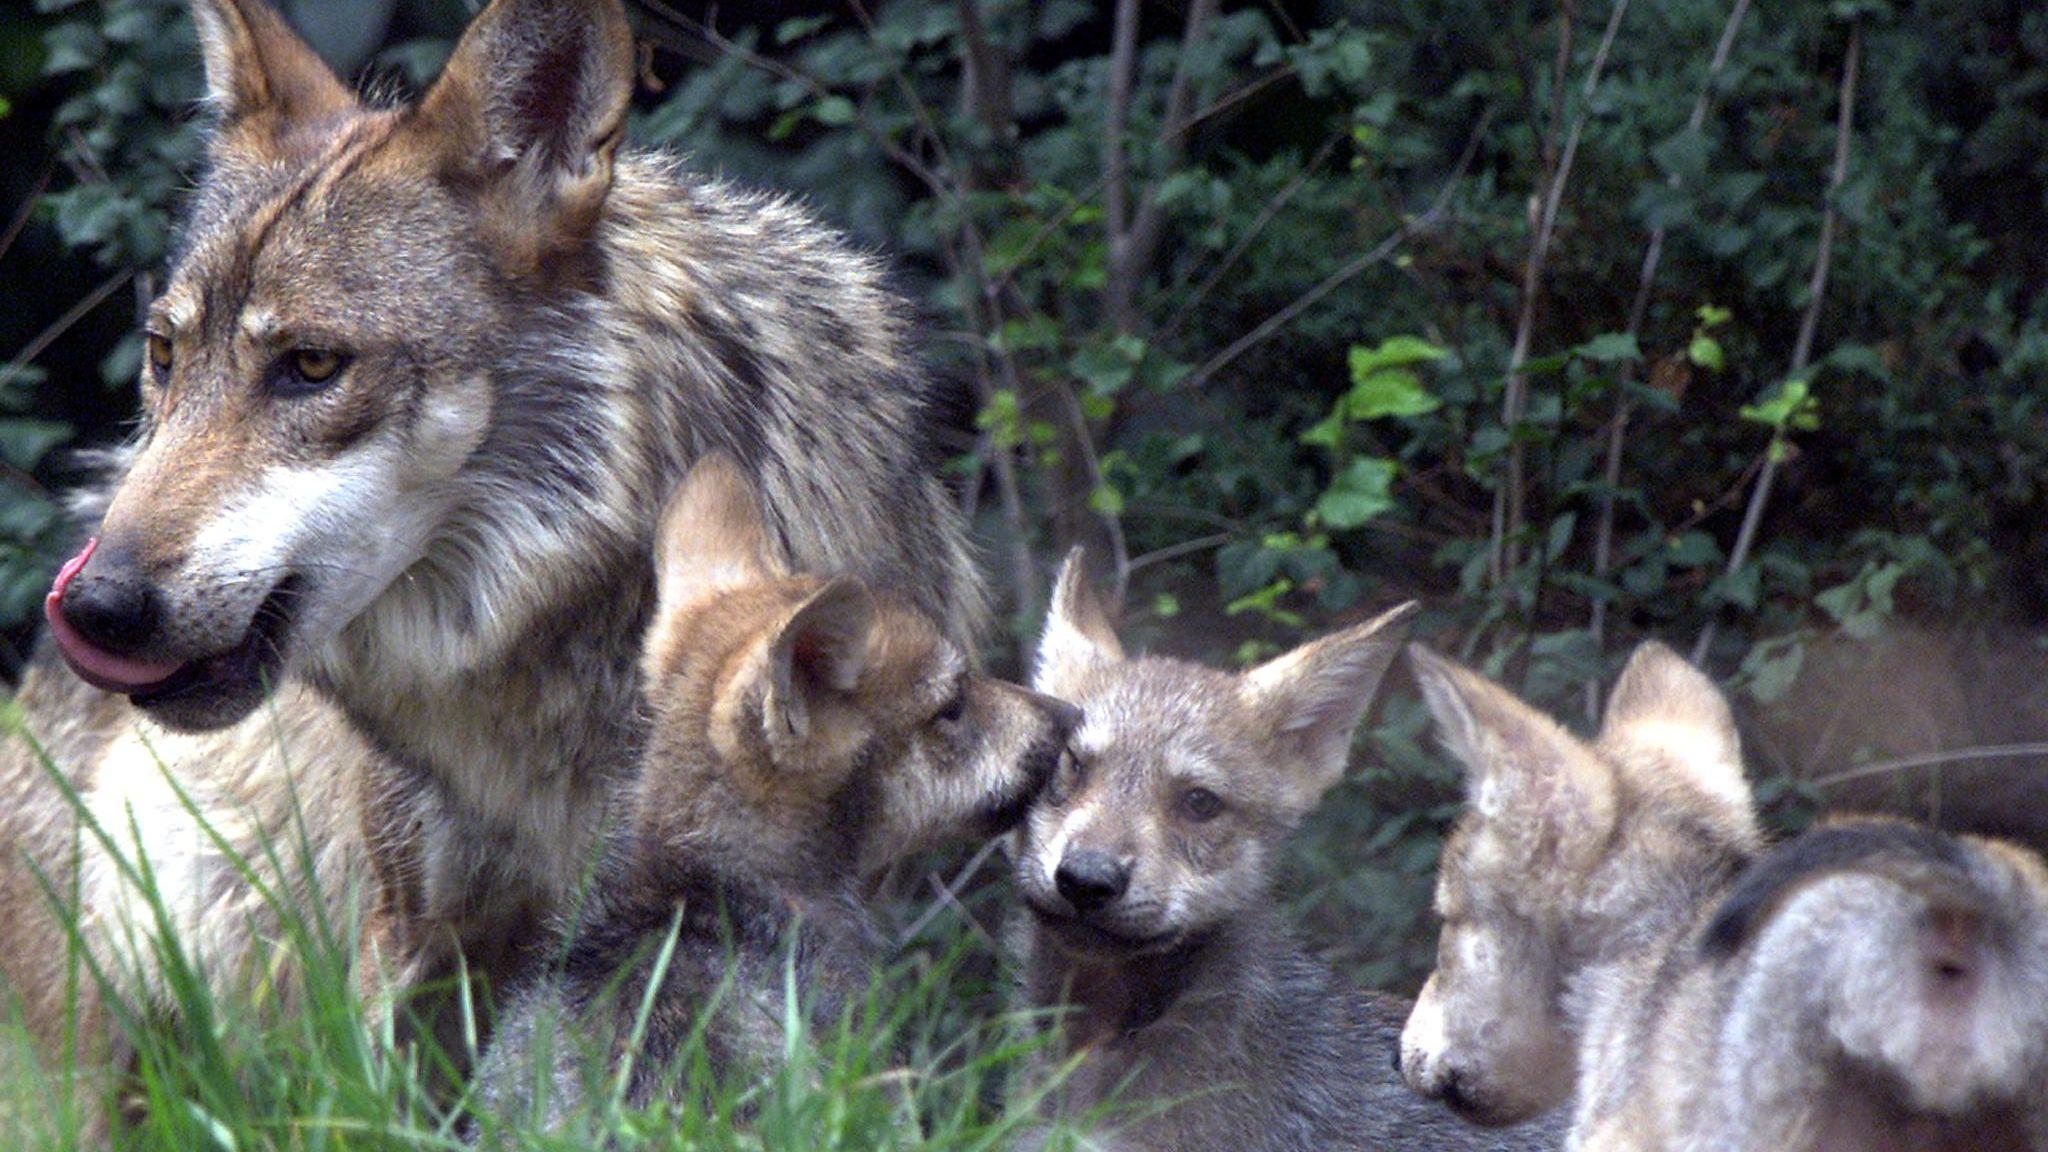 cachorros de lobo gris mexicano